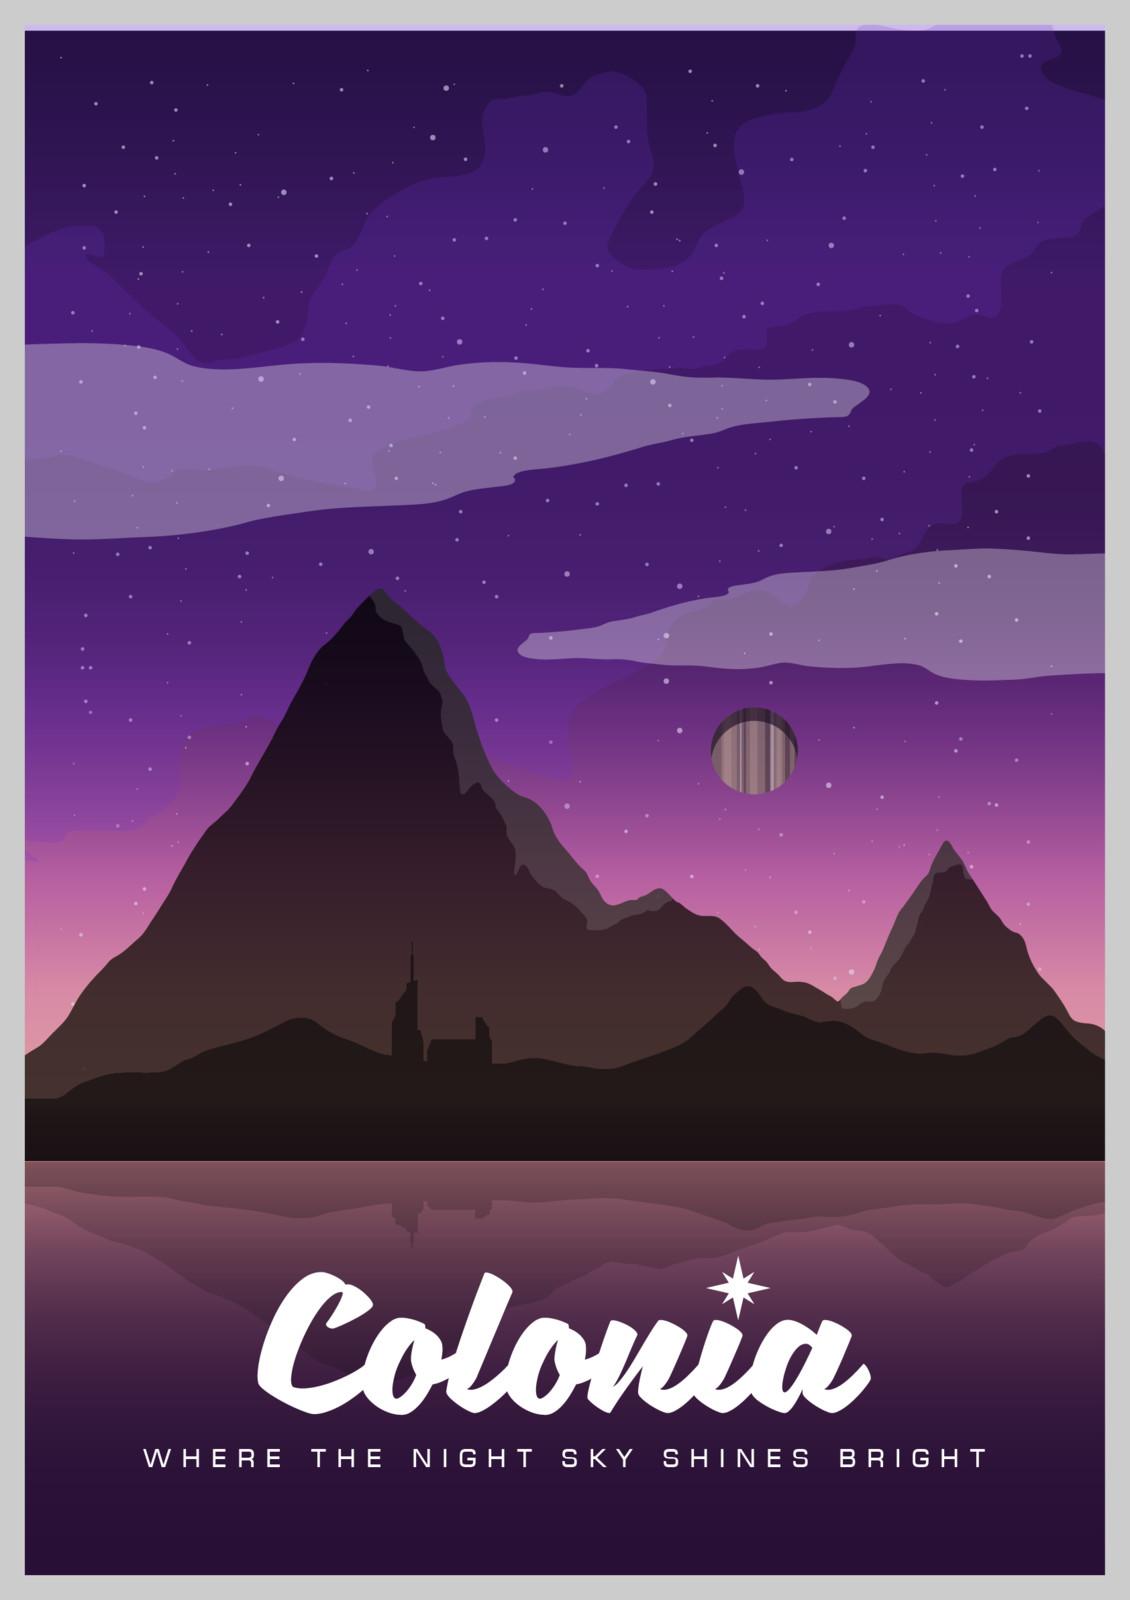 Elite Dangerous - Colonia Tourism Poster